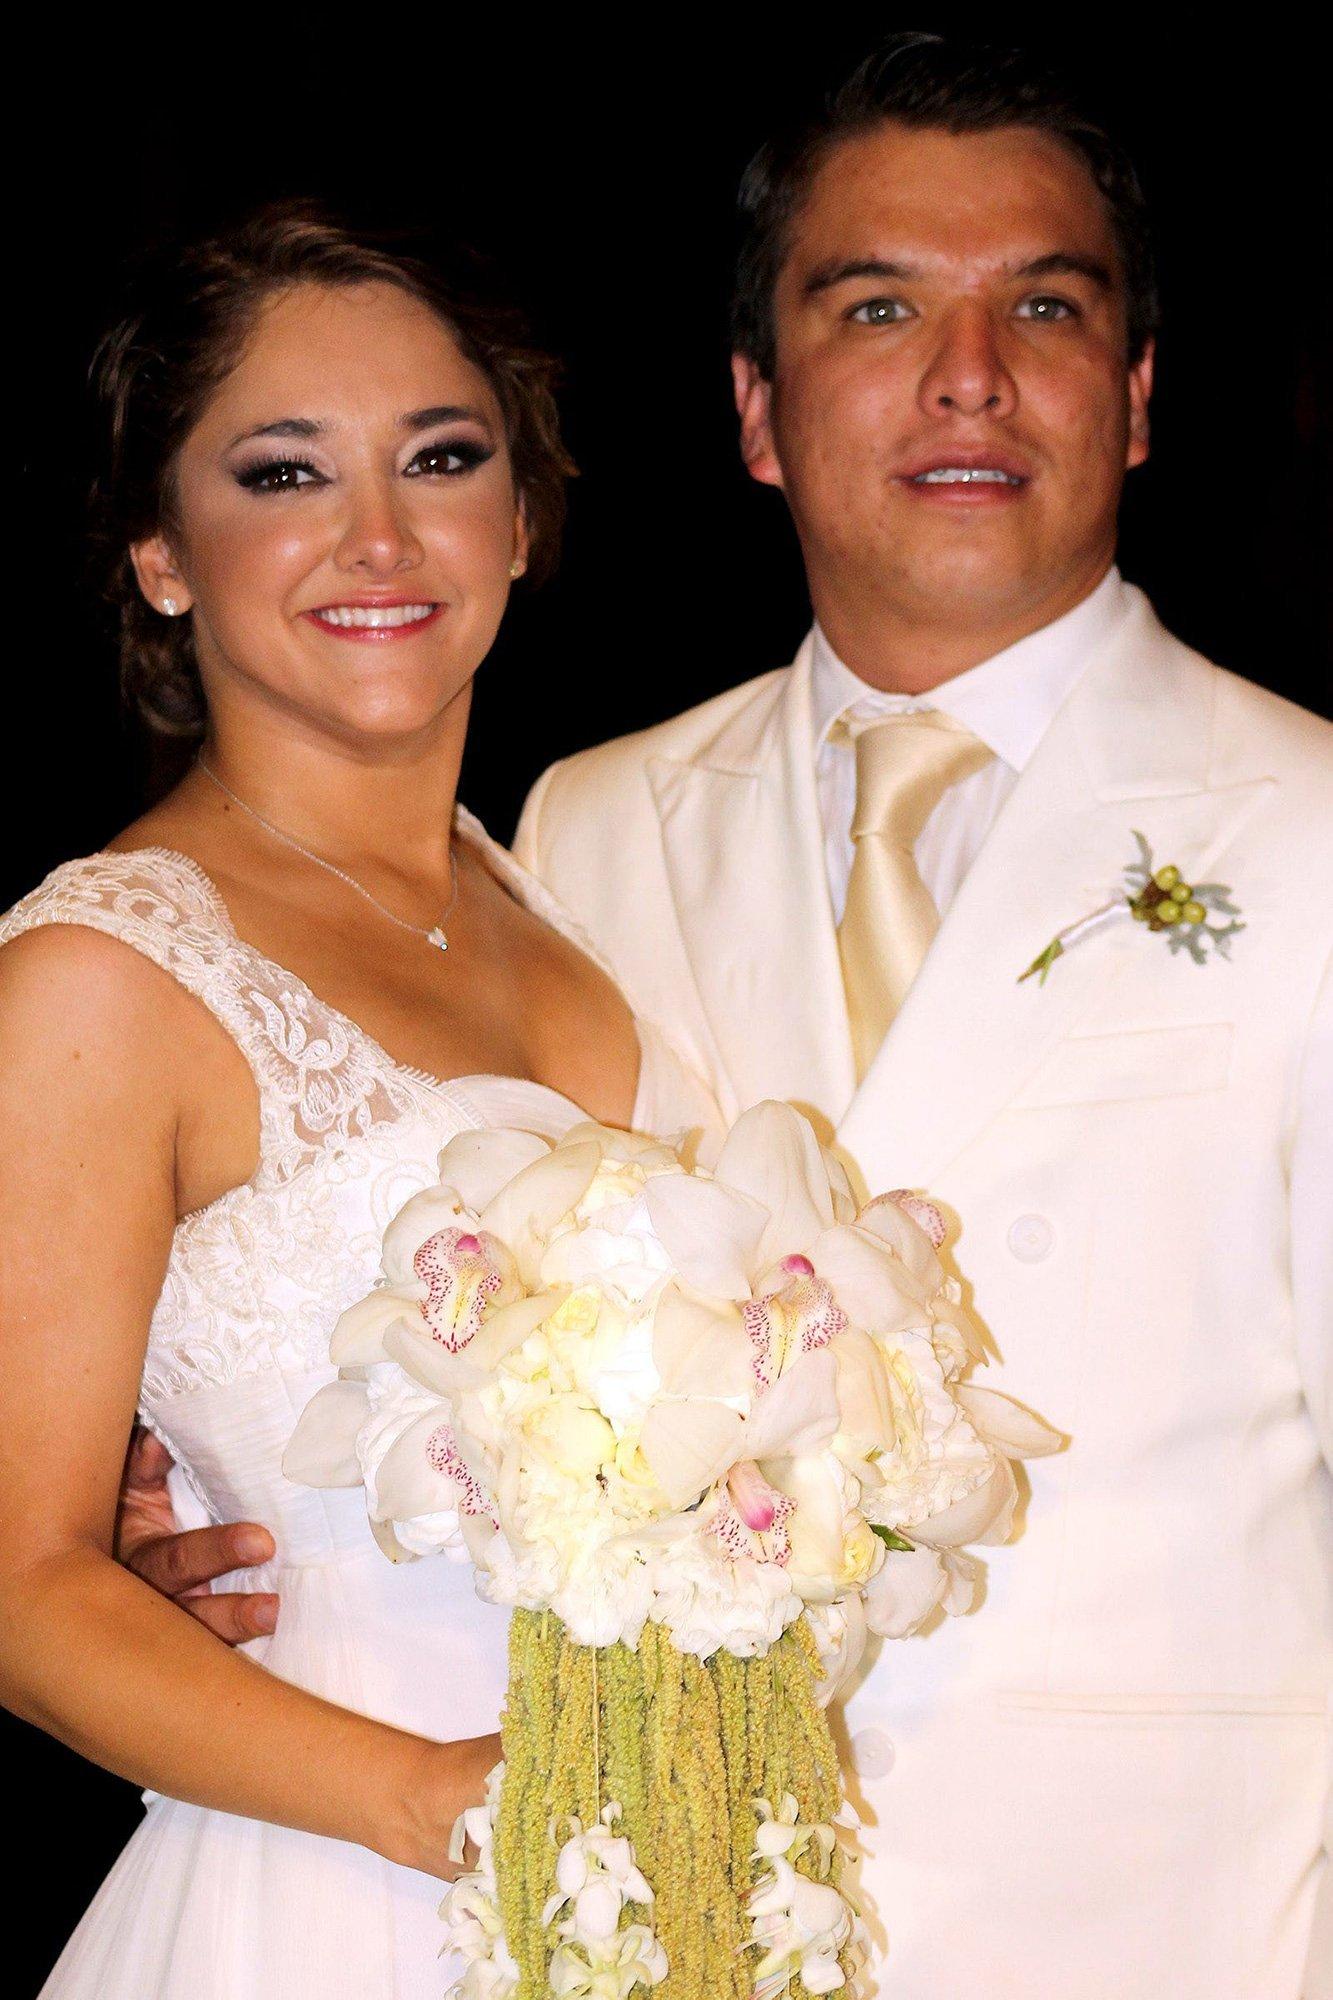 Fotos: la boda de Sherlyn con Gerardo Islas